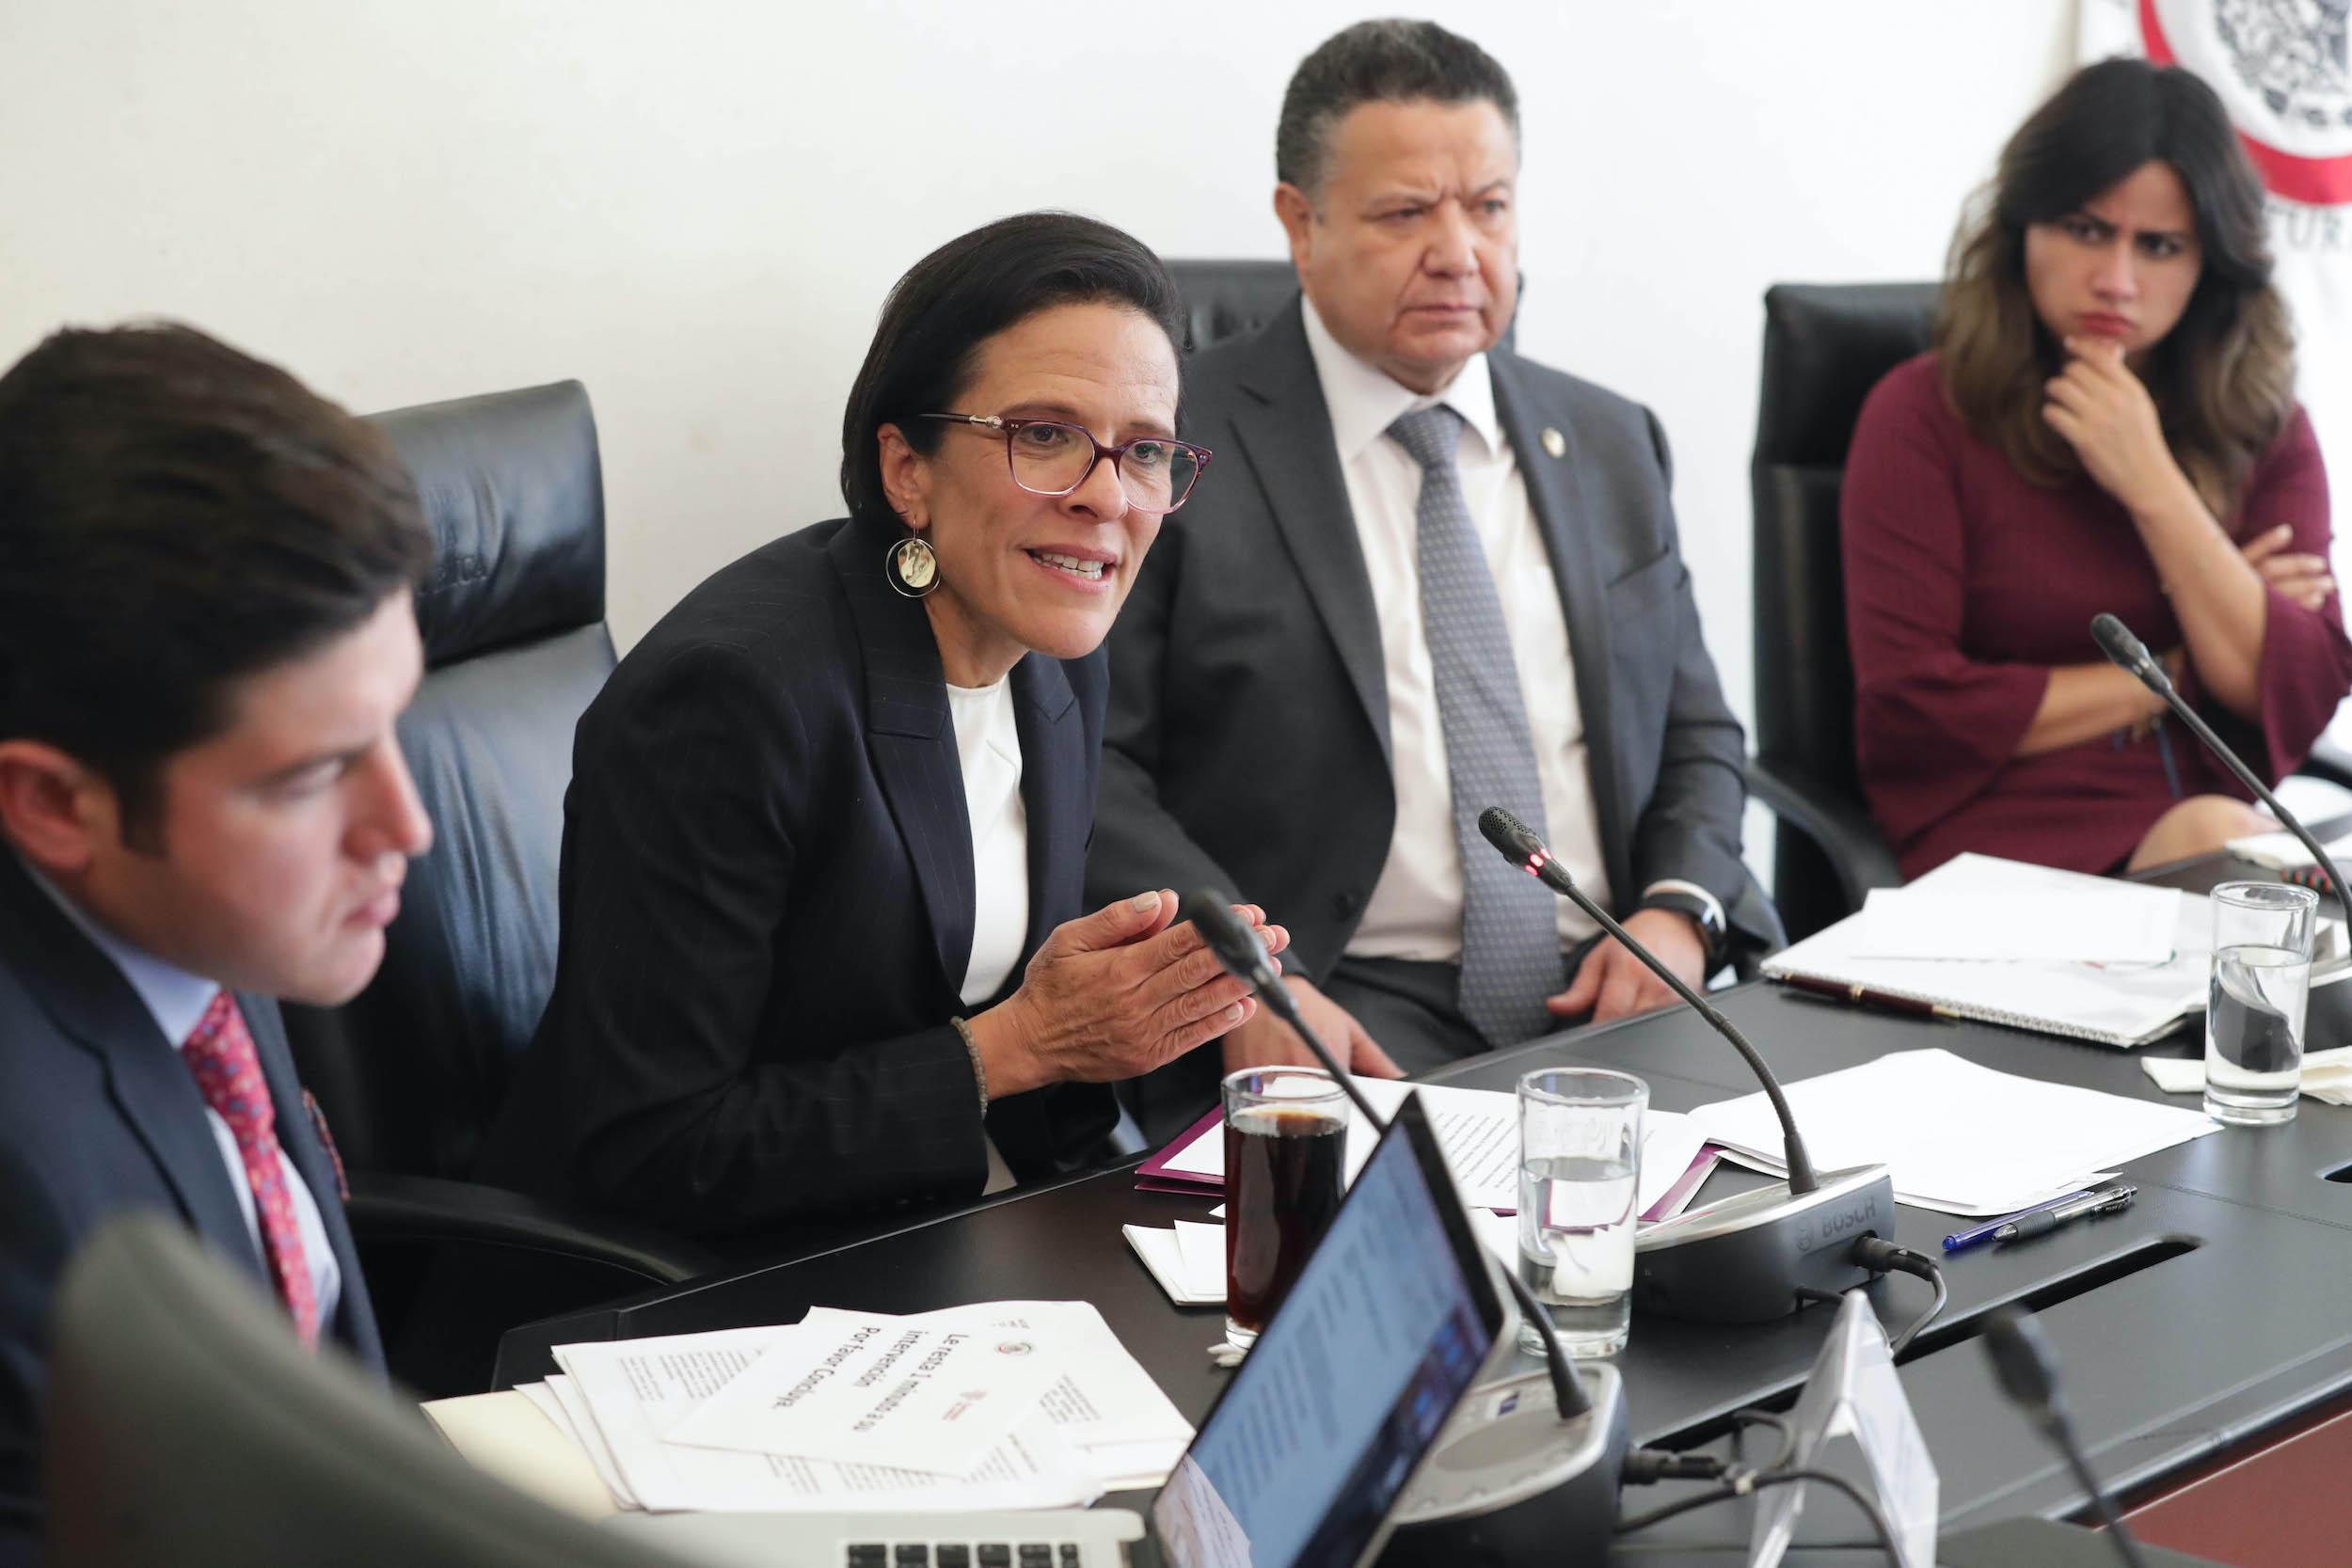 Ana Laura Magaloni en la Reunión de la Comisión de Justicia, comparecencias de las aspirantes a ocupar el cargo de Ministra de la SCJN. Foto de Senado de la República.